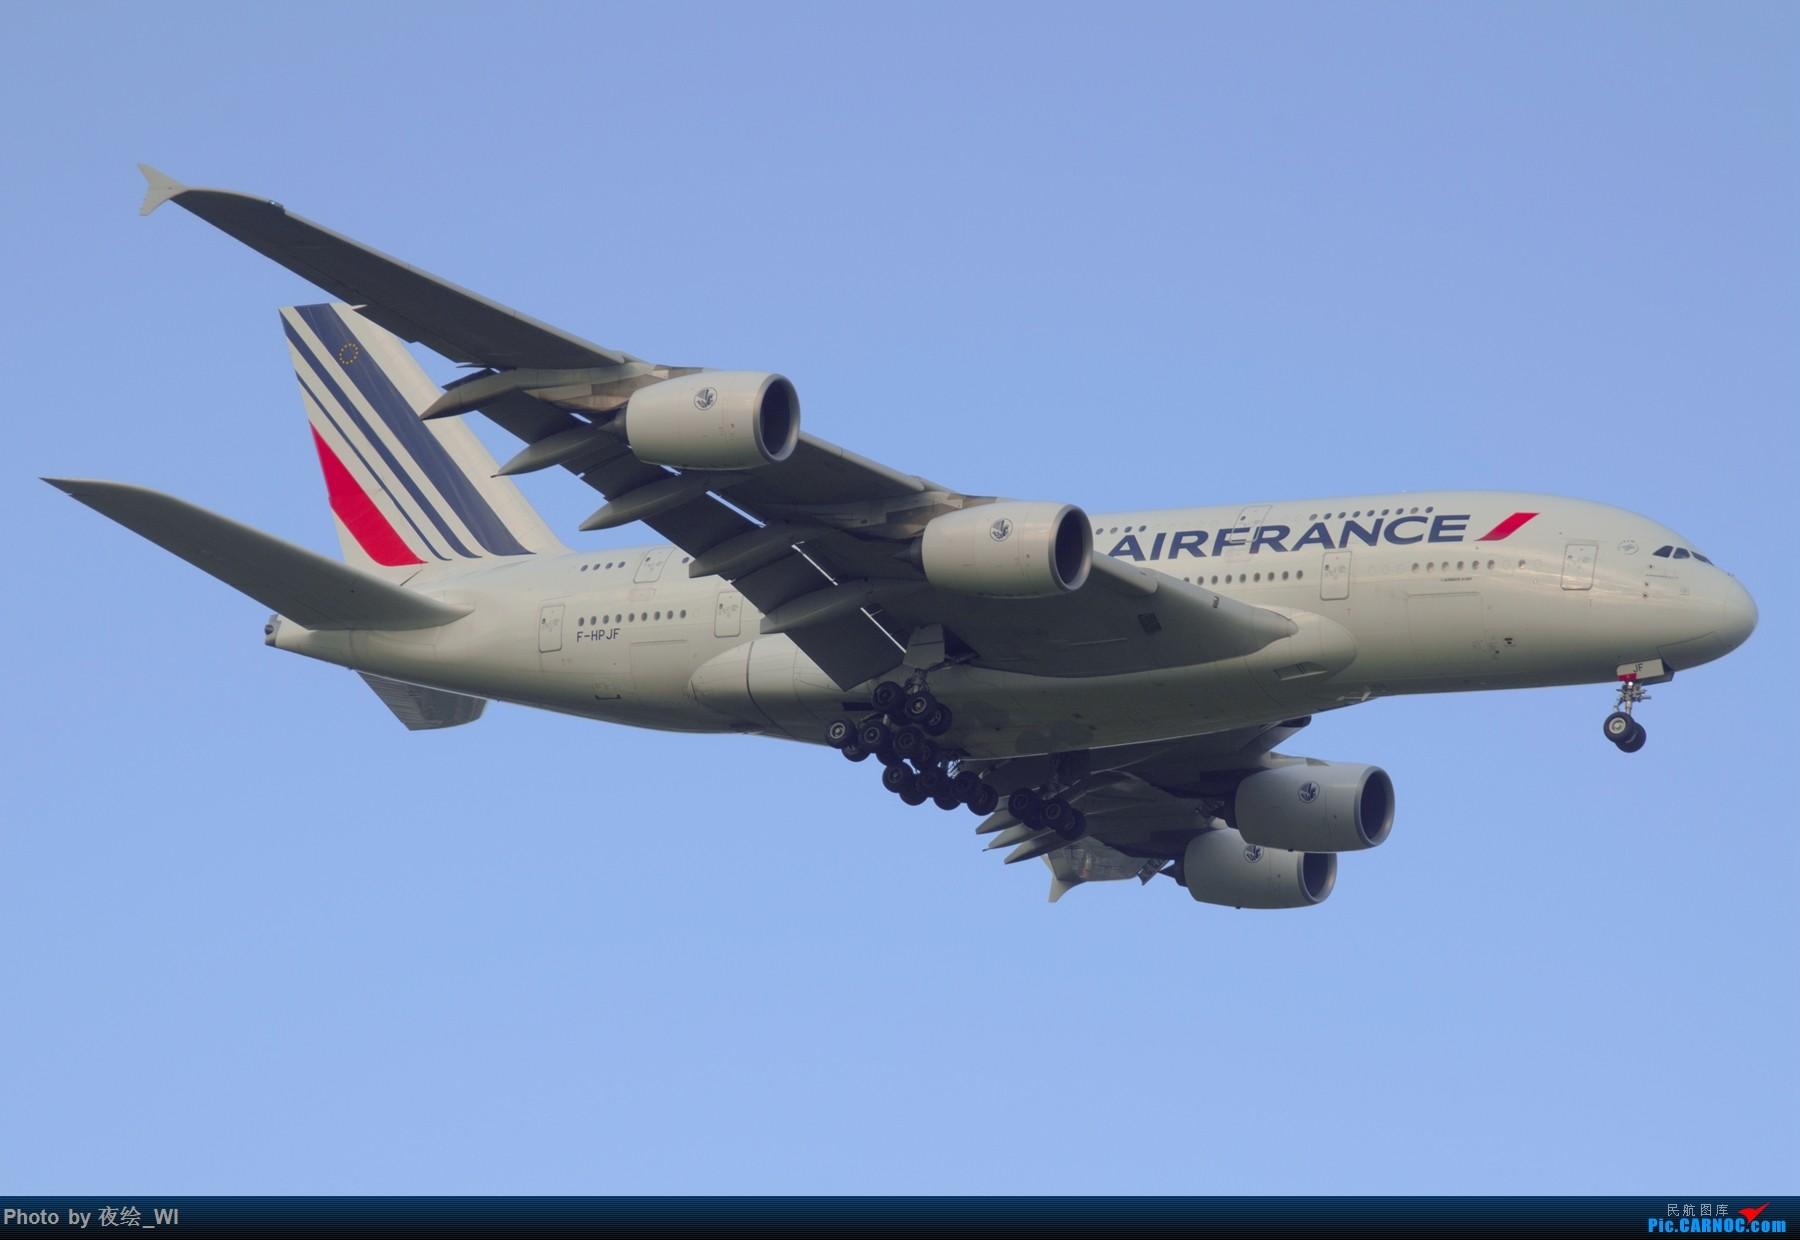 聂�9��jf�c��f�_>>[原创]闲来重新修一下在pvg拍的图,美航787,汉莎744等